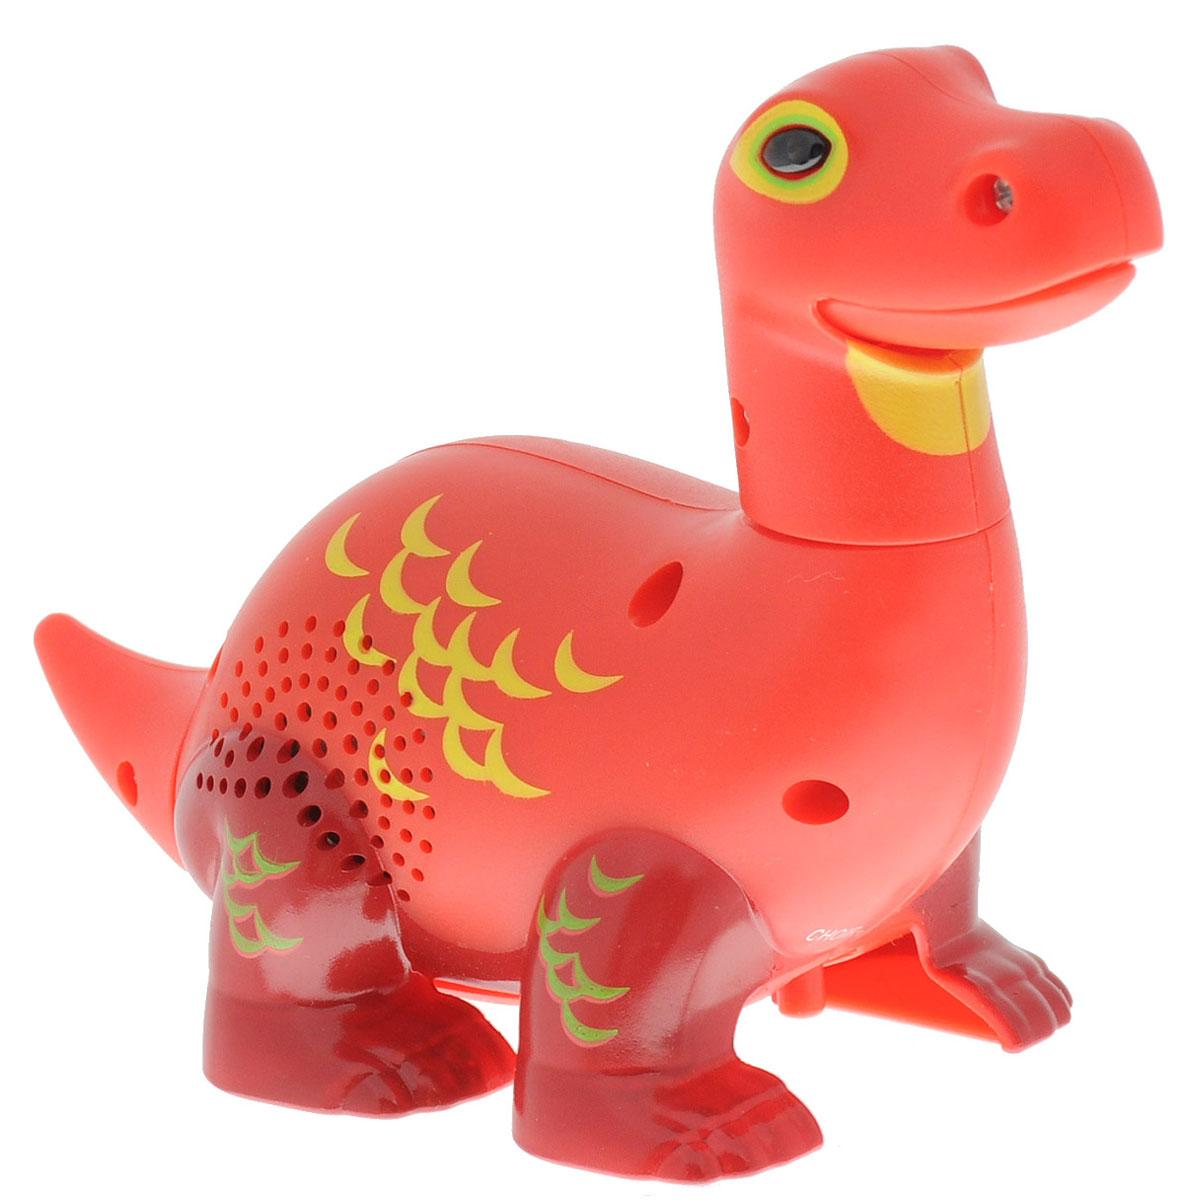 DigiFriends Интерактивная игрушка Динозавр Appolo88281-6У вас есть шанс получить уникального домашнего питомца - поющего динозавра. Не каждый может похвастаться этим. Интерактивная игрушка DigiFriends Динозавр Appolo - это умное животное, которое будет развлекать вас различными мелодиями, пением и ревом. Для активизации динозавра необходимо посвистеть или похлопать в ладоши. Игрушка издает 55 вариантов песен и рев динозавра, также динозавр повторяет то, что вы сказали. Такая игрушка станет незабываемым подарком для любого ребенка. Малыш будет увлеченно играть с динозавром, прослушивая различные мелодии. Для работы игрушки рекомендуется докупить 3 батарейки типа LR44 (товар комплектуется демонстрационными).